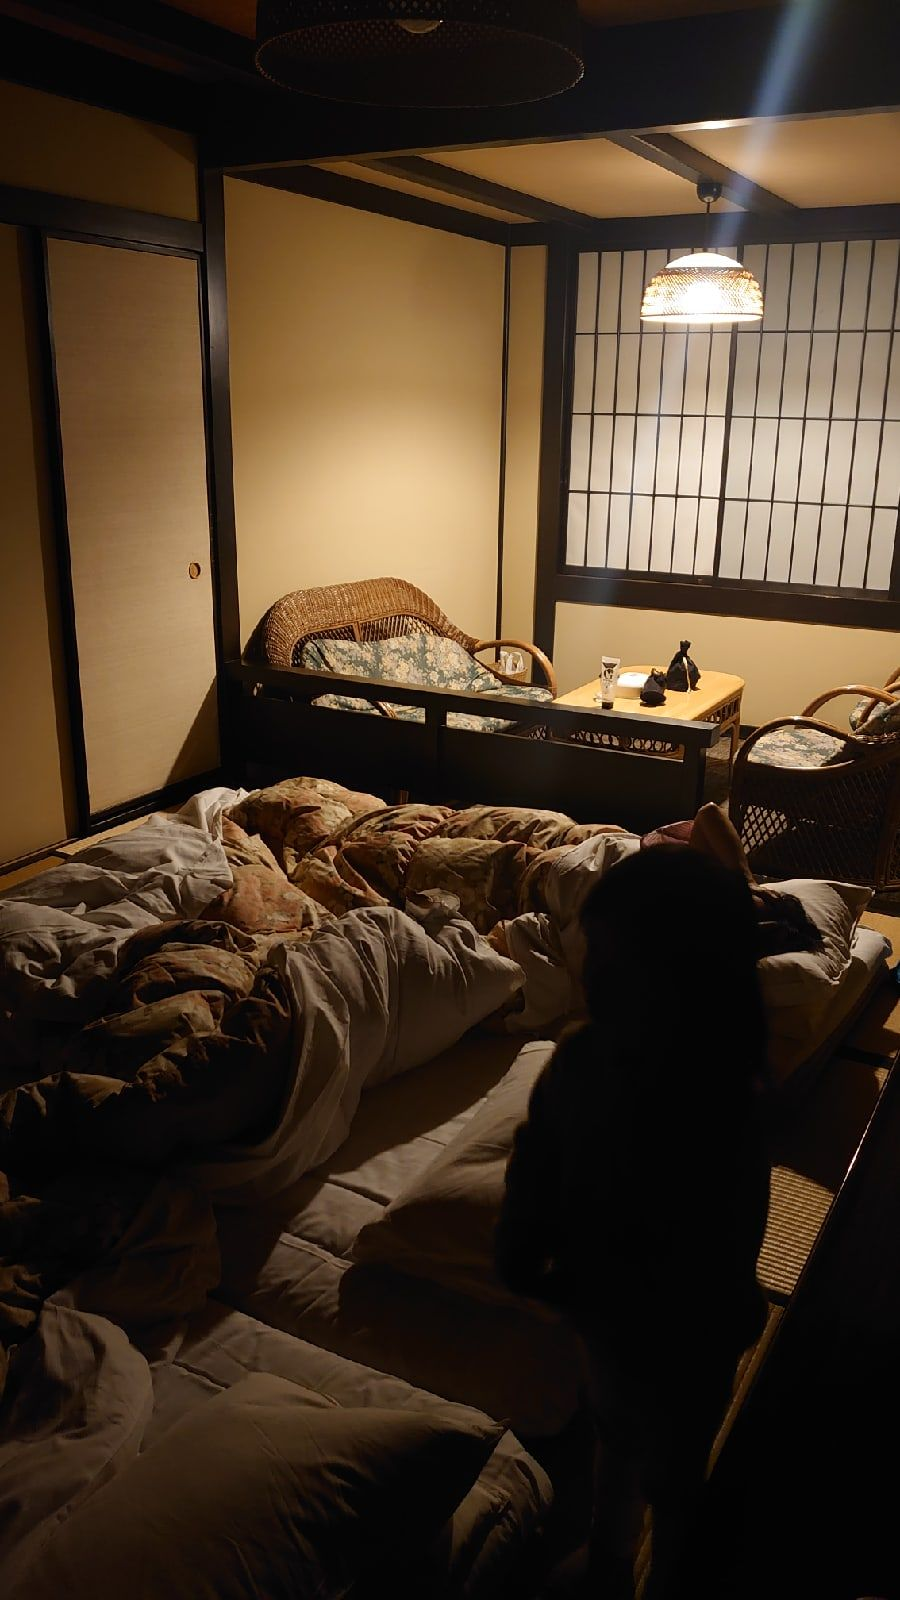 Один мой день в префектуре Сидзока, Япония, я покажу вам долгожданную семейную поездку, фото 33